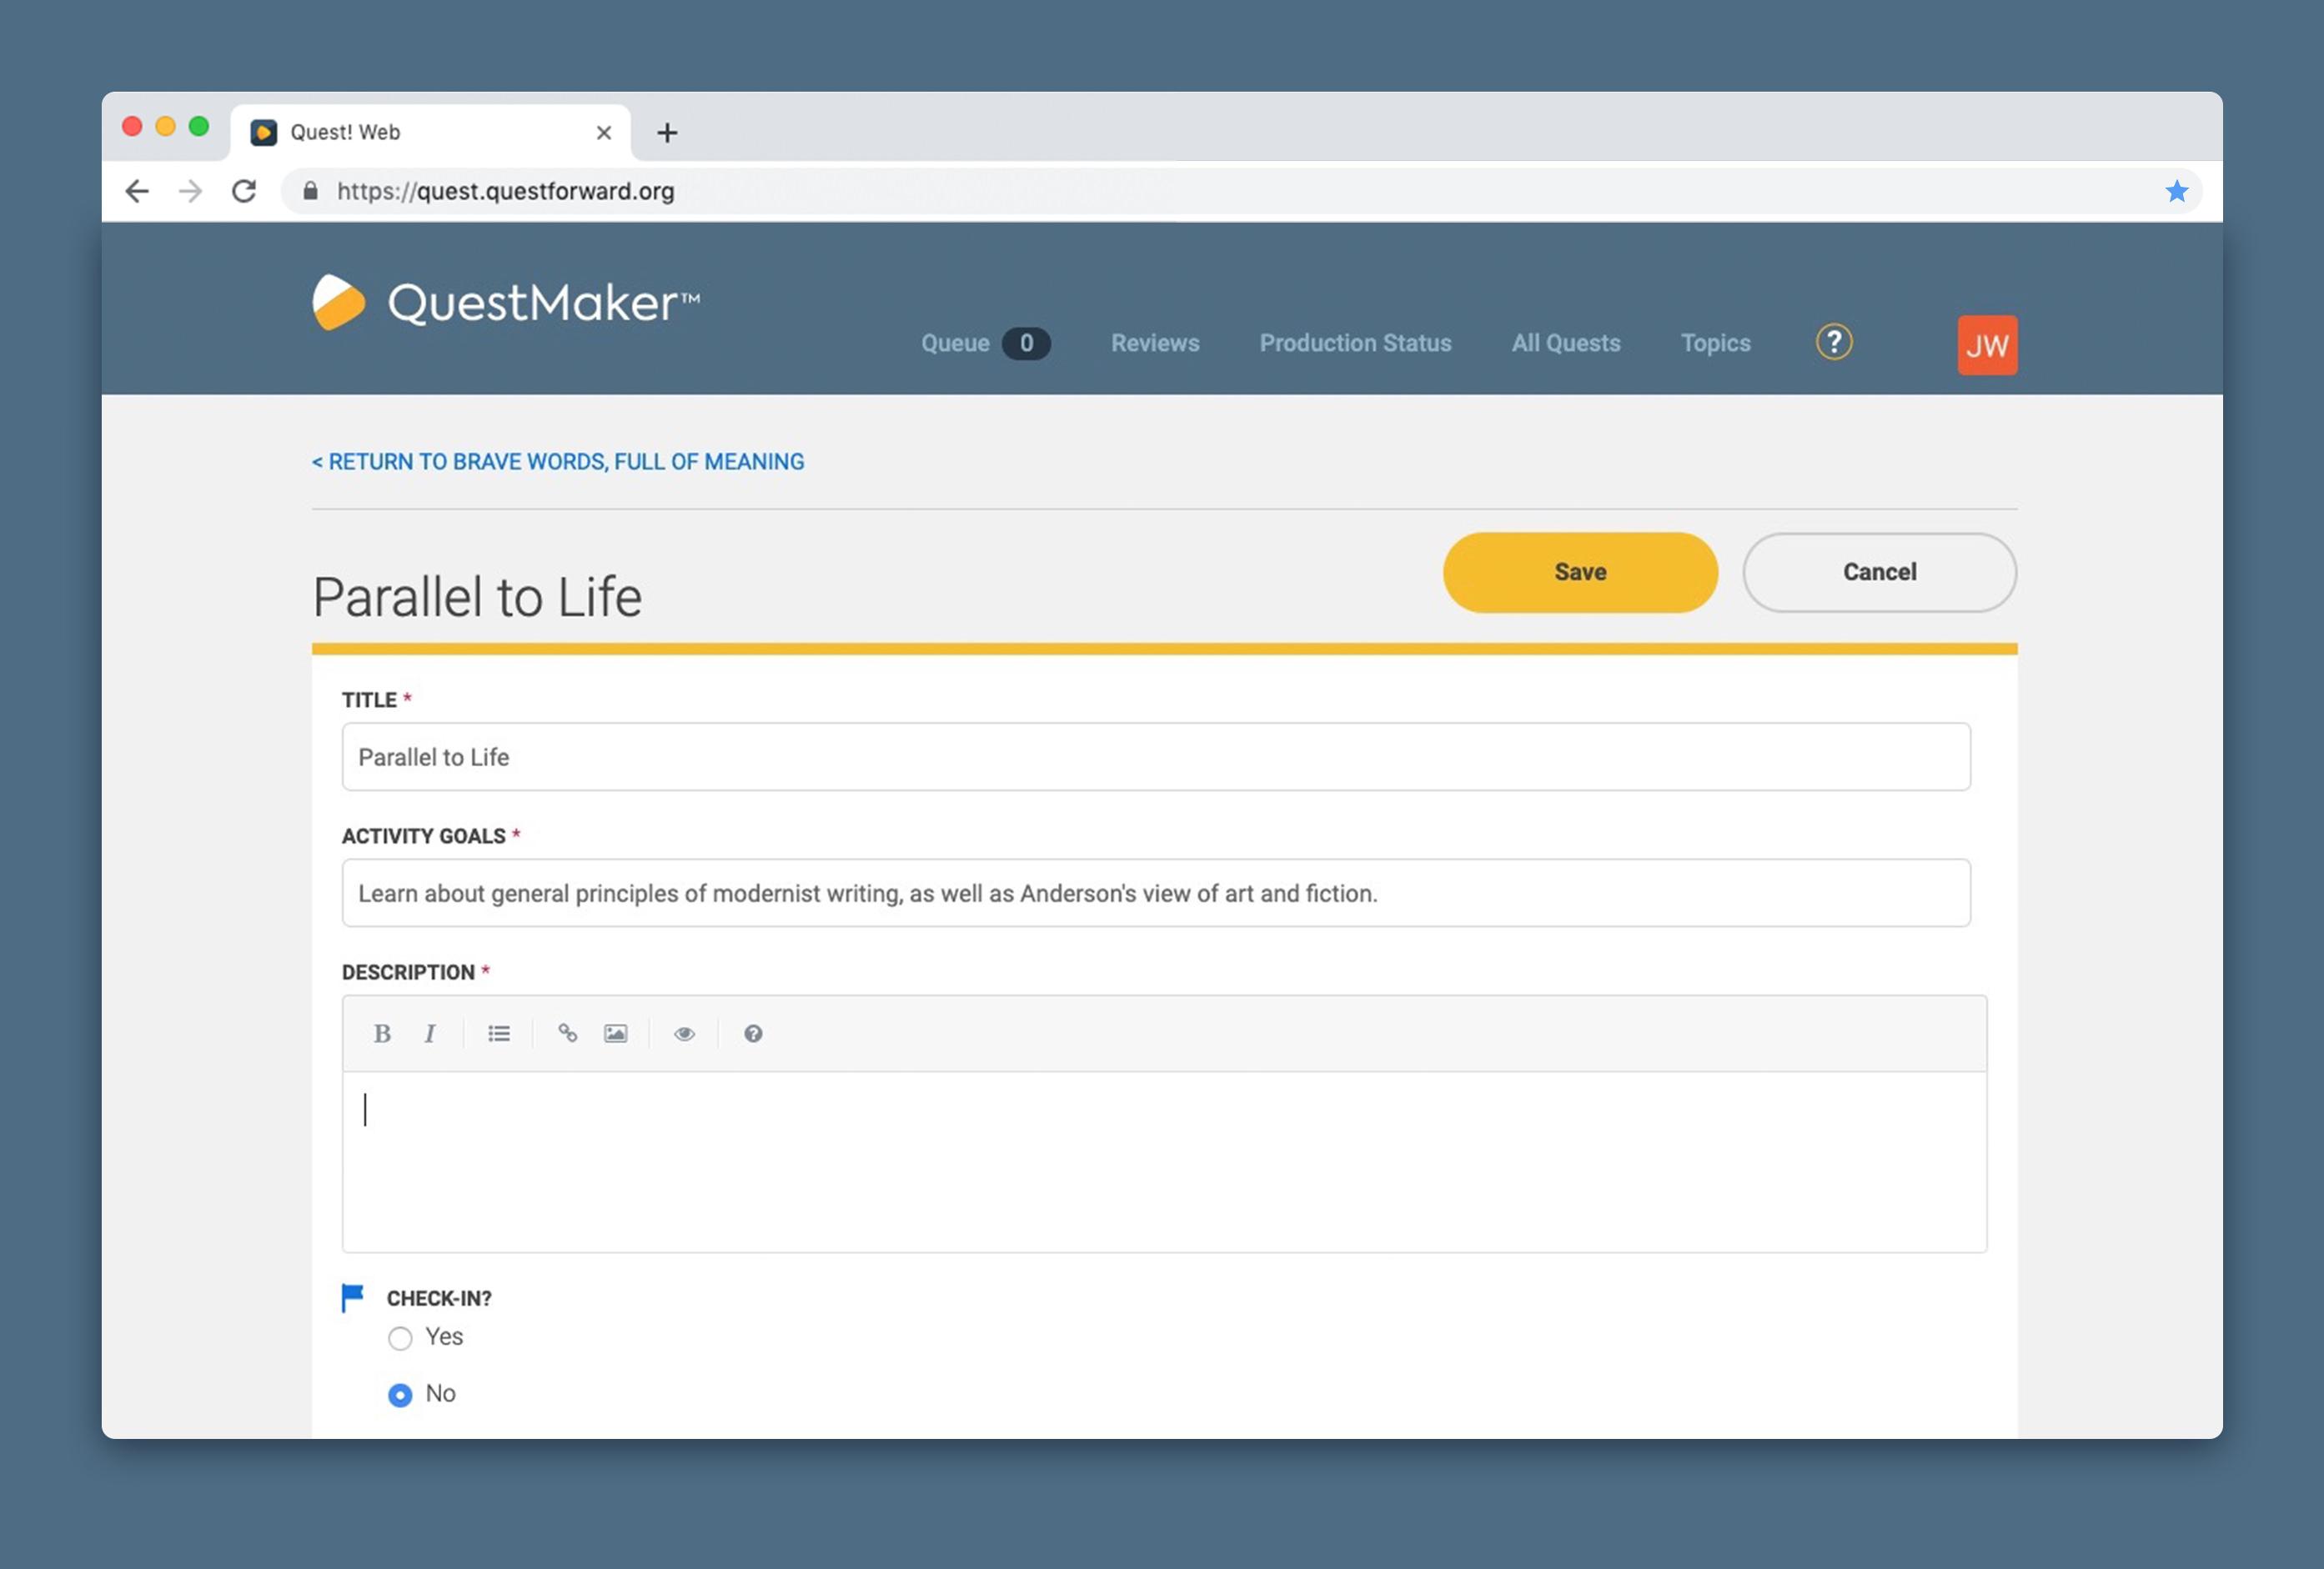 A quest designer edits a quest activity called